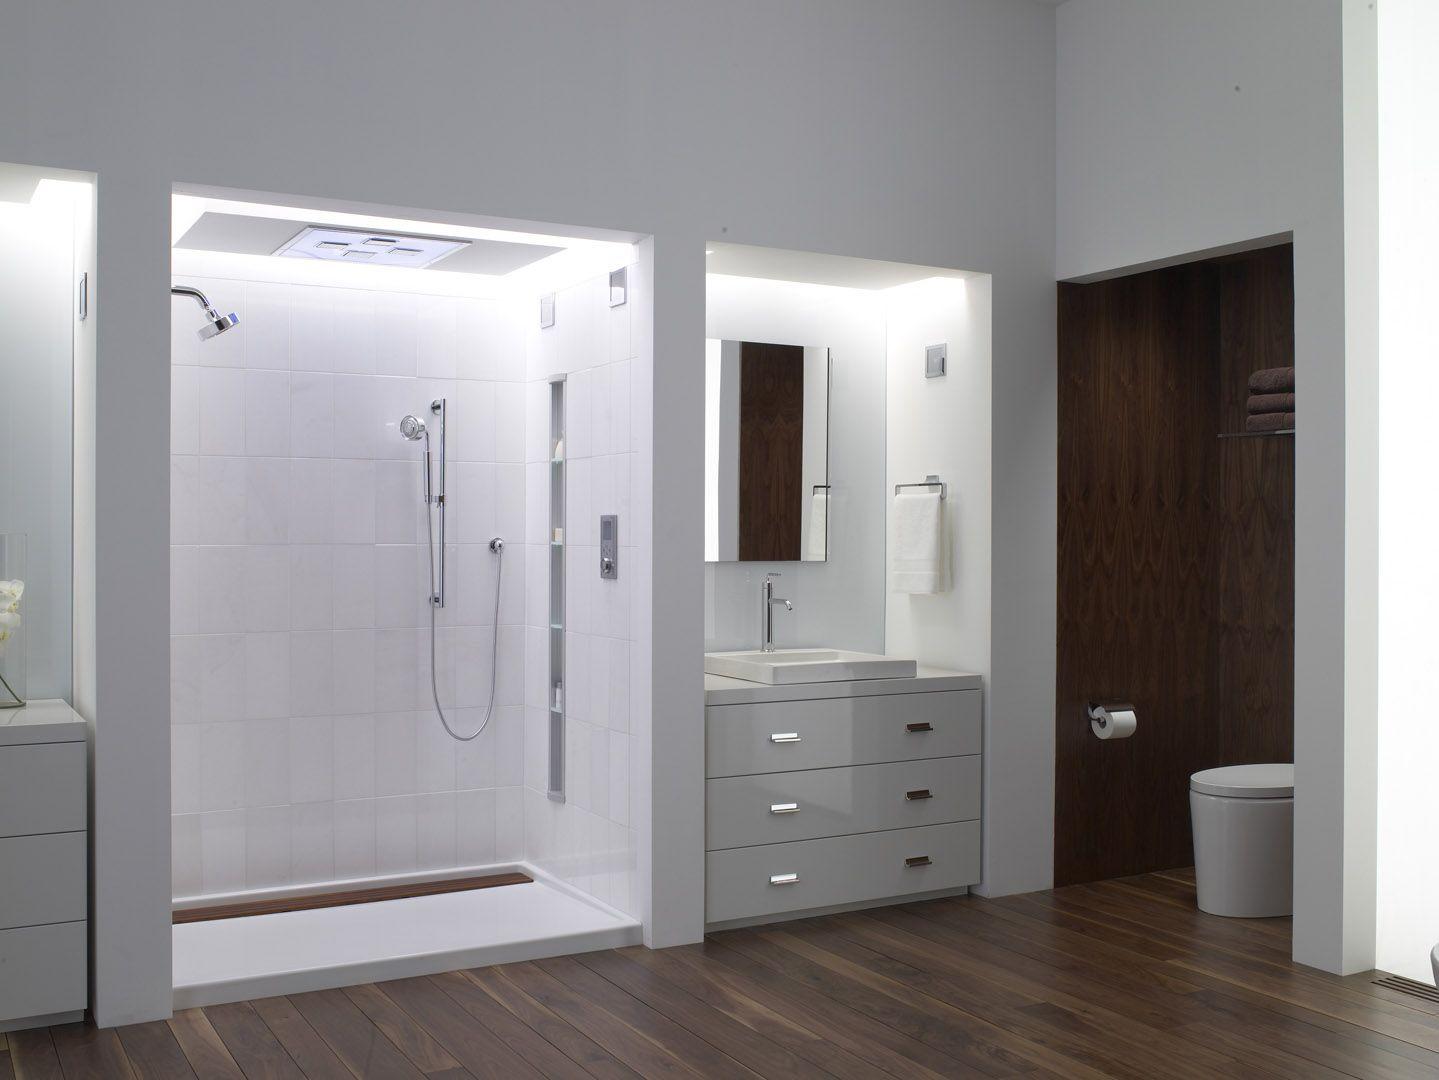 Badkamer met houten vloer. Een badkamer voor de echte ...